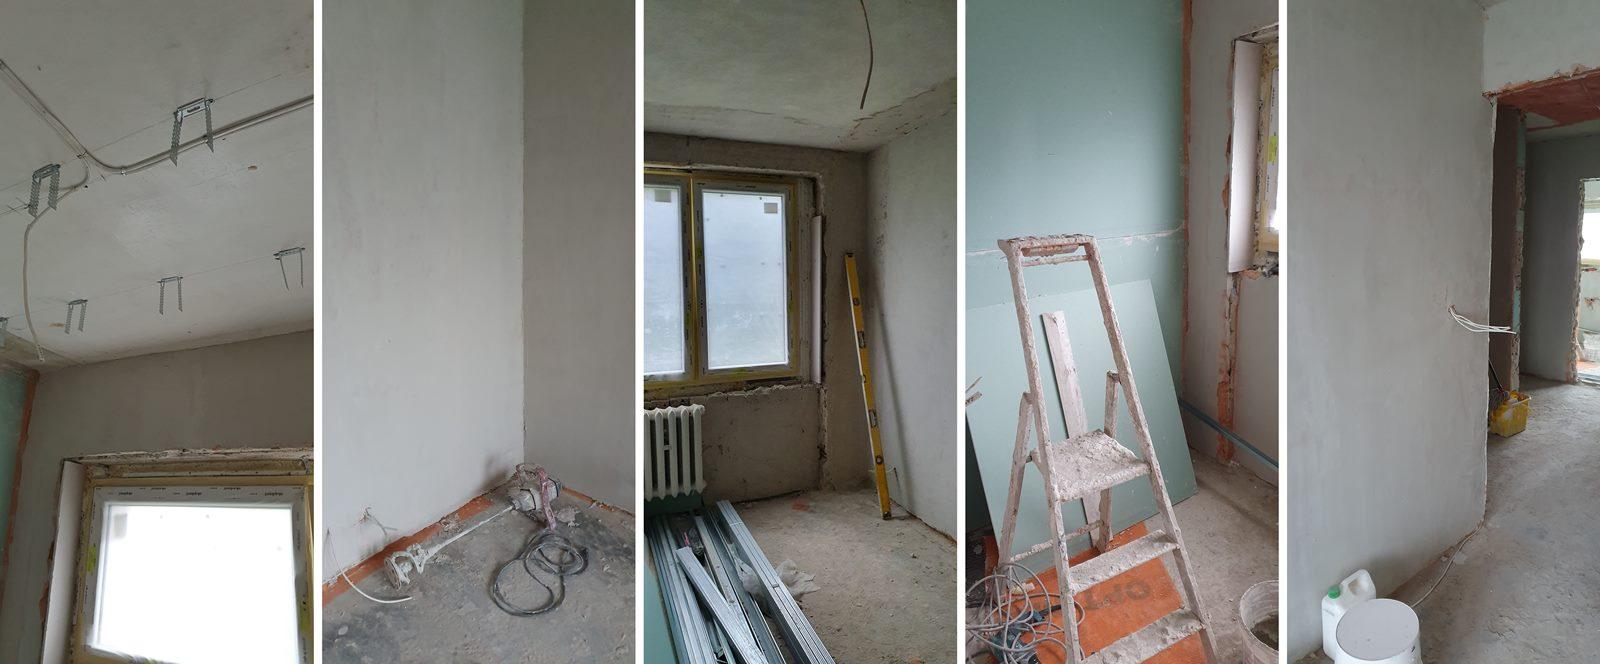 remont mieszkania pomysły inspiracje jak szukać ekipy fachowców mieszkanie prl rozkładowe 50m2